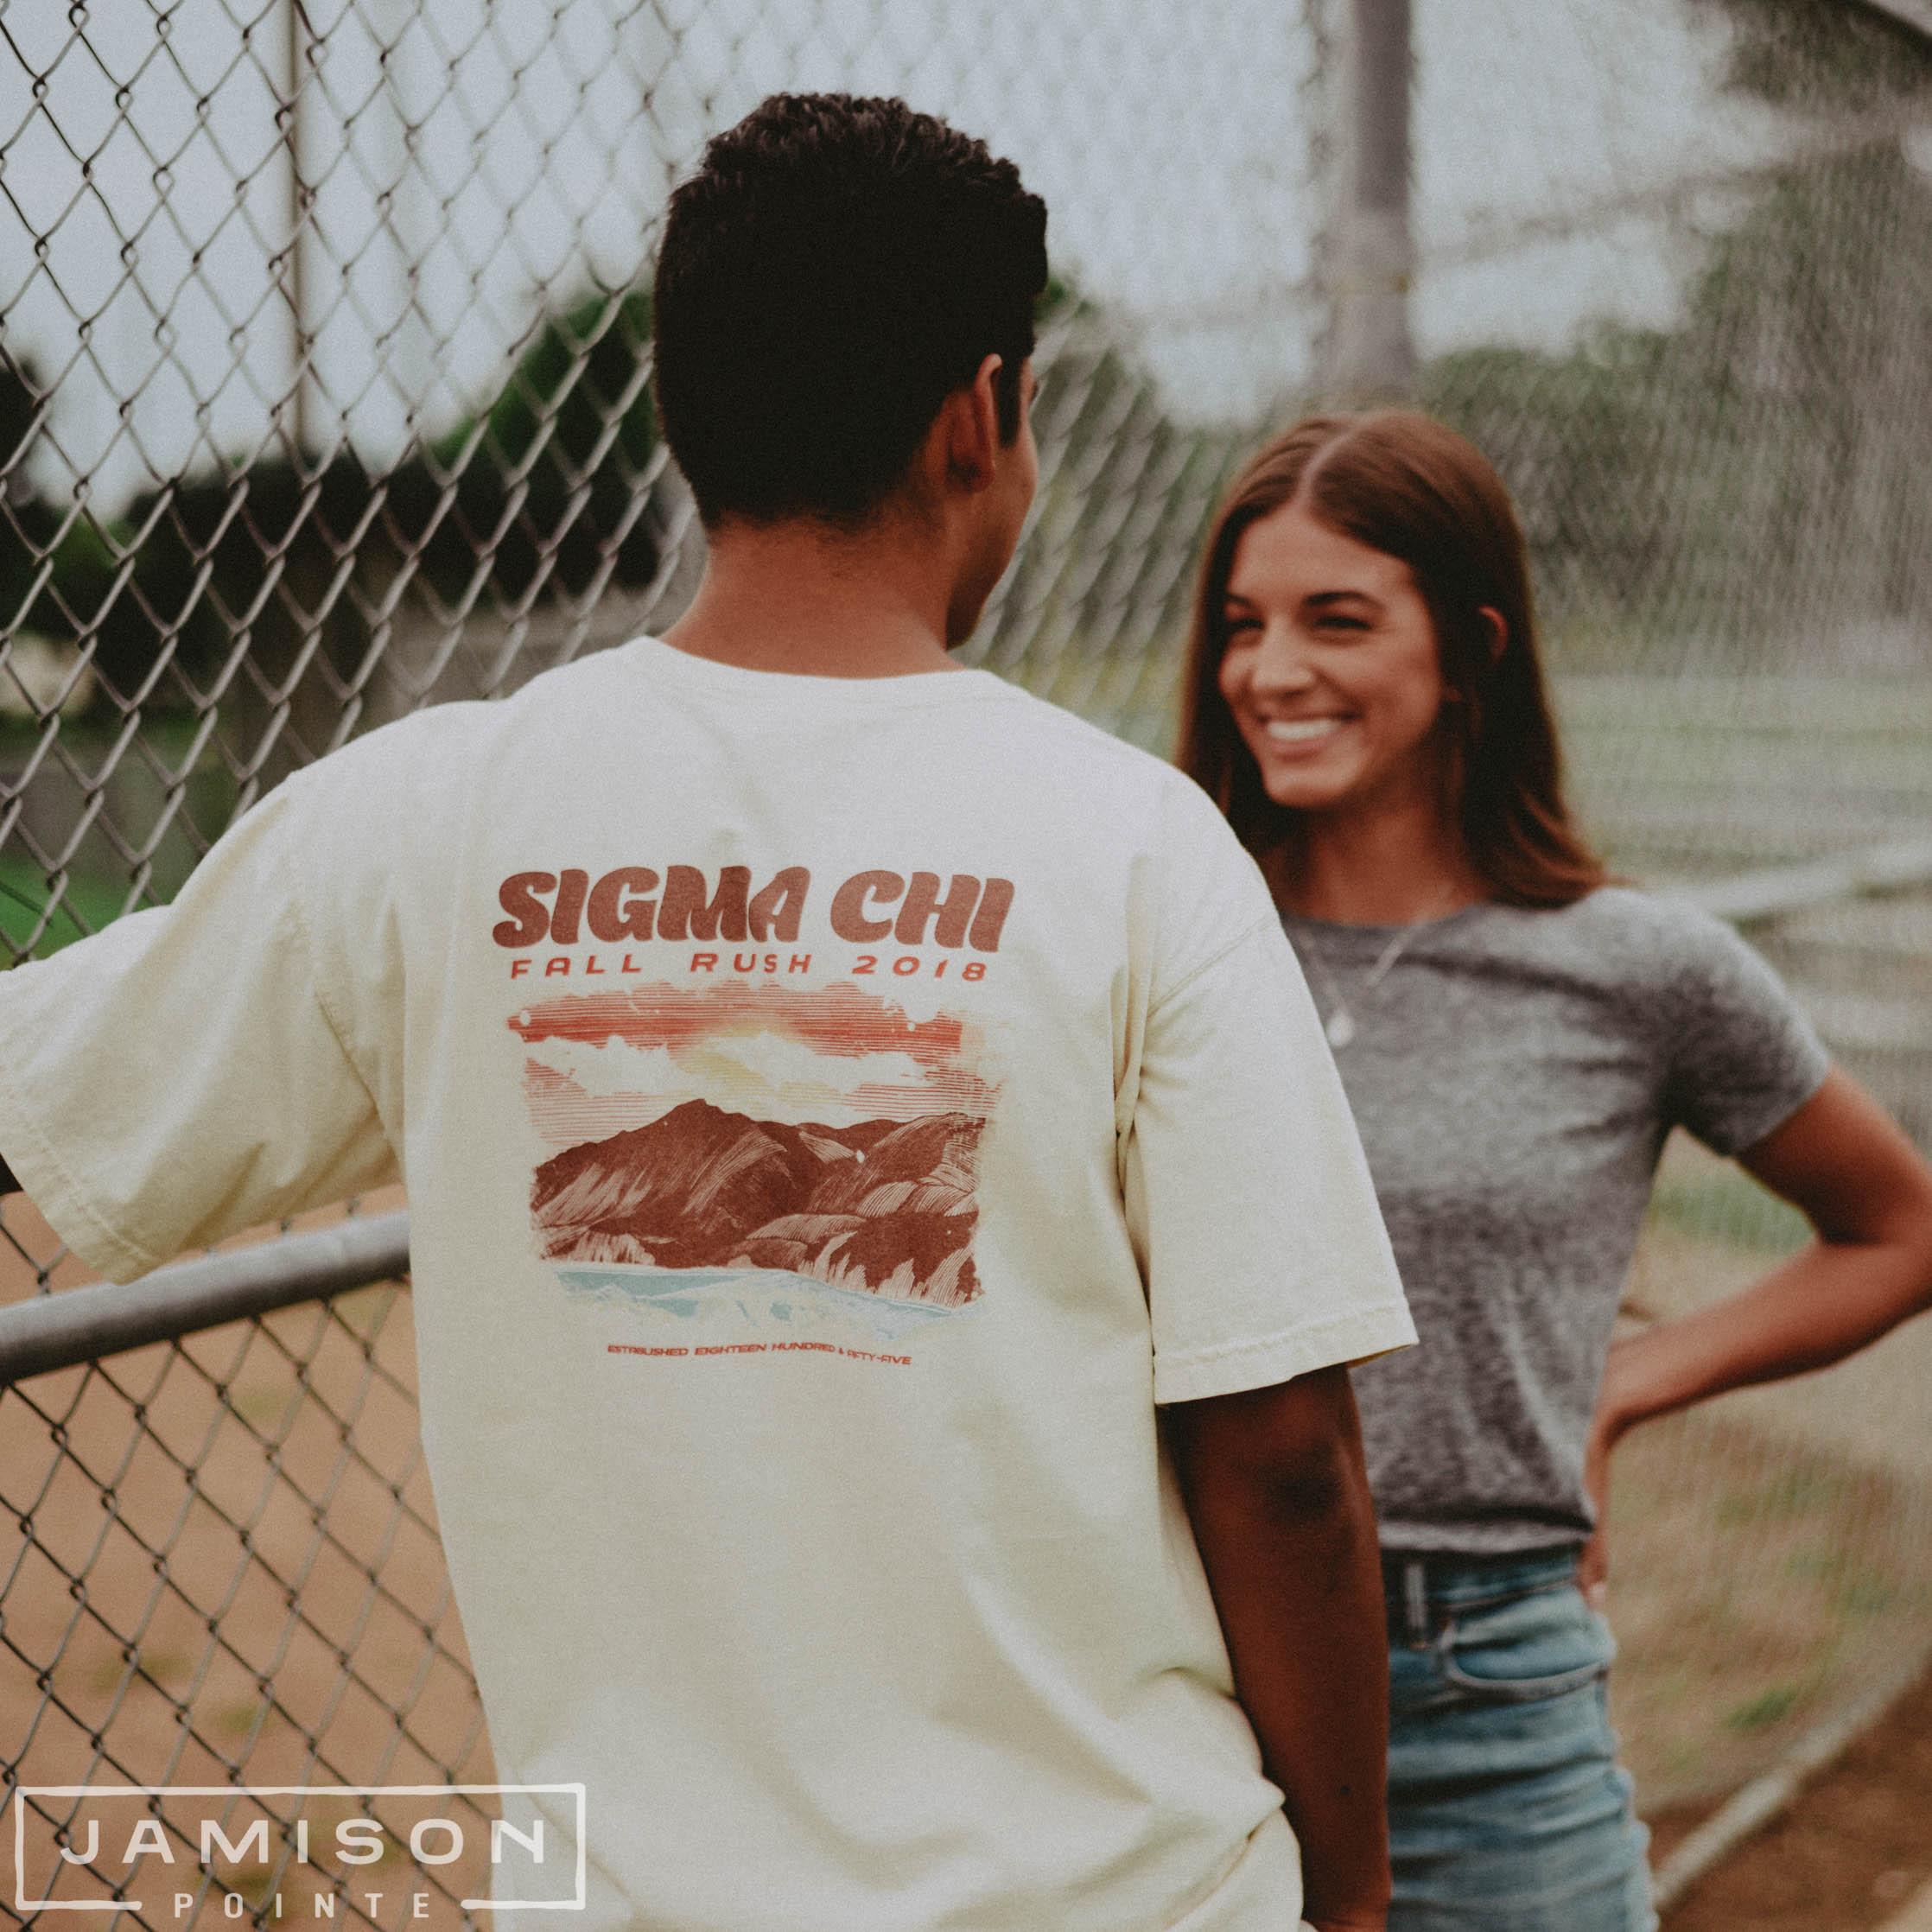 Sigma Chi Scenic Fall Rush Tee